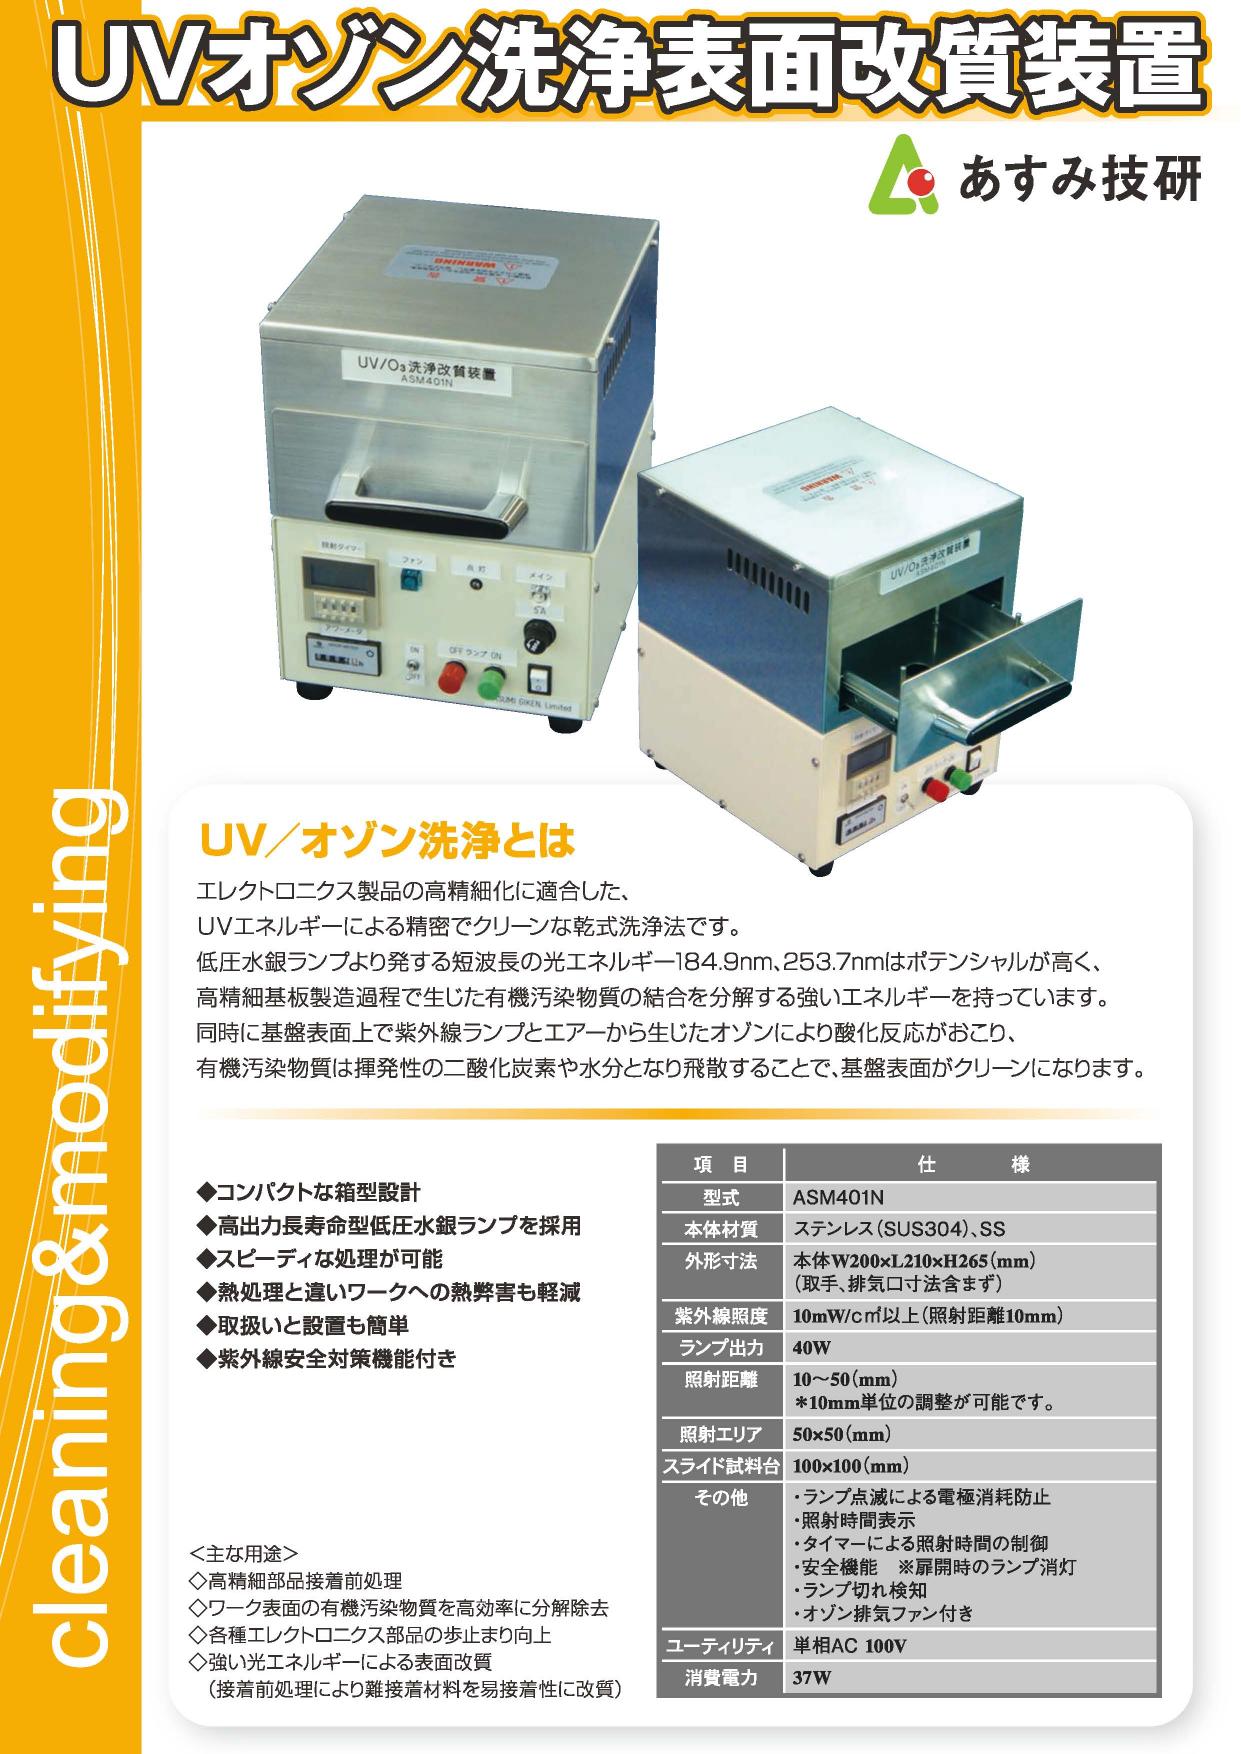 精密・クリーンな乾式洗浄法 UVオゾン洗浄表面改質装置 ASM401n